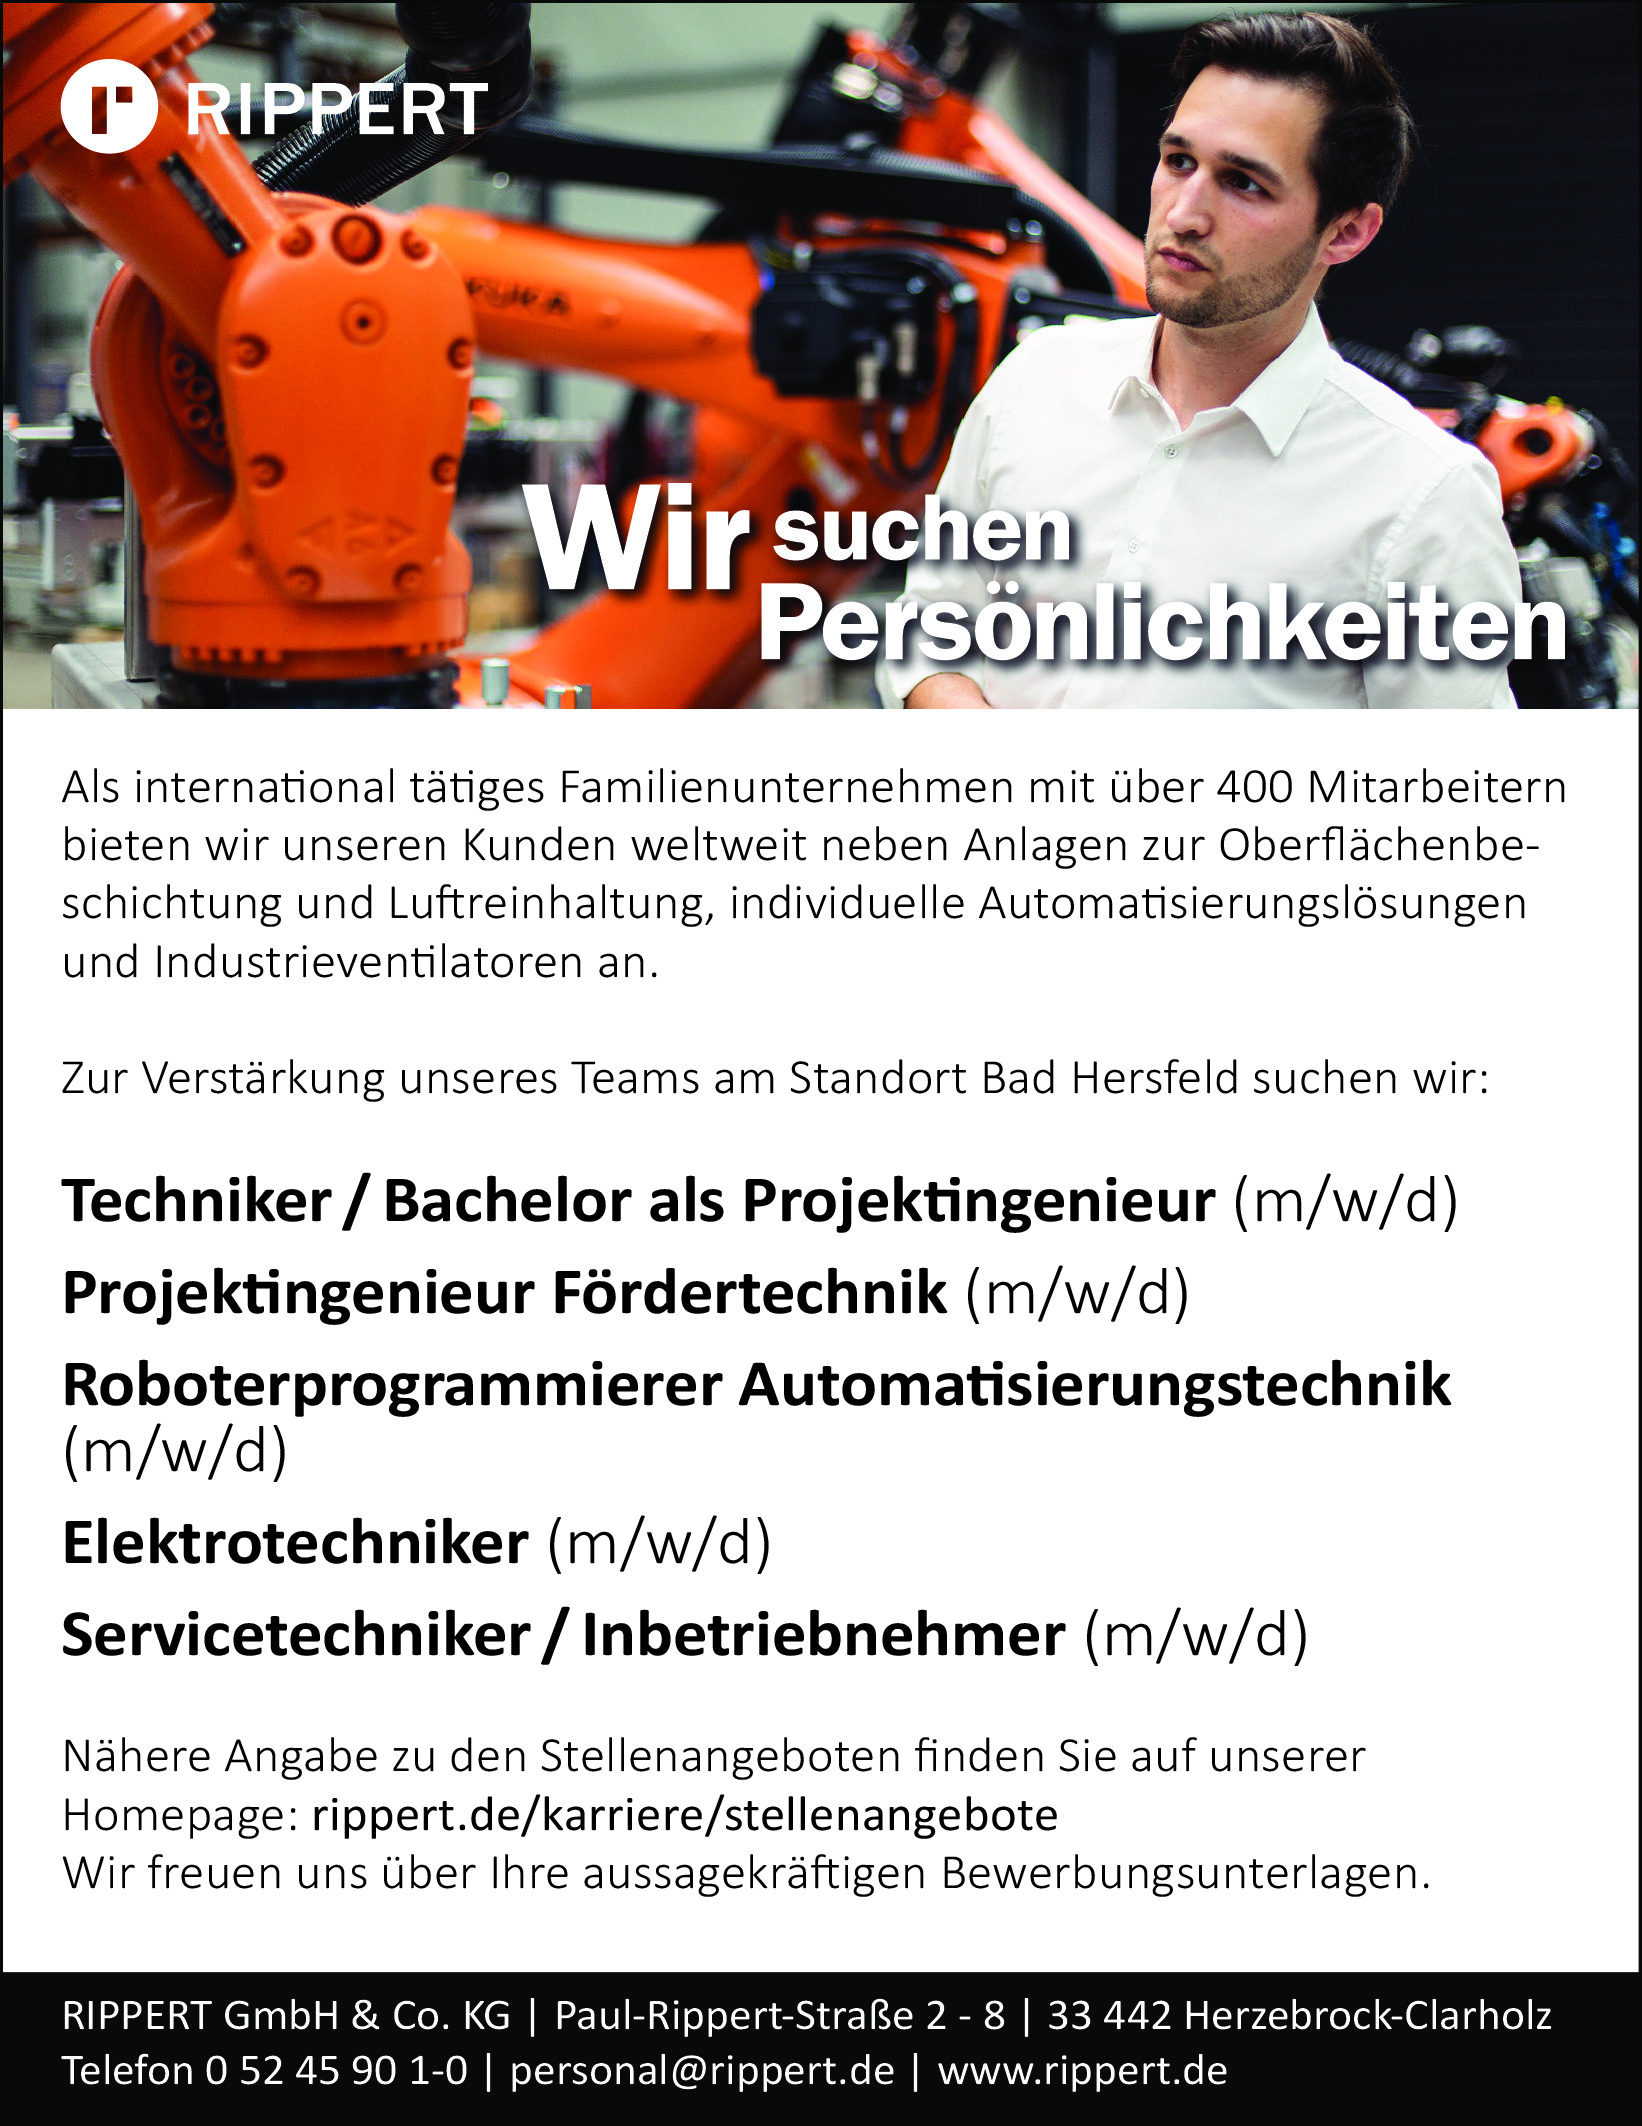 Techniker / Bachelor als Projektingenieur (m/w/d) Projektingenieur Fördertechnik (m/w/d) Roboterprogrammierer Automatisierungstechnik (m/w/d) Elektrotechniker (m/w/d) Servicetechniker/Inbetriebnehmer (m/w/d)